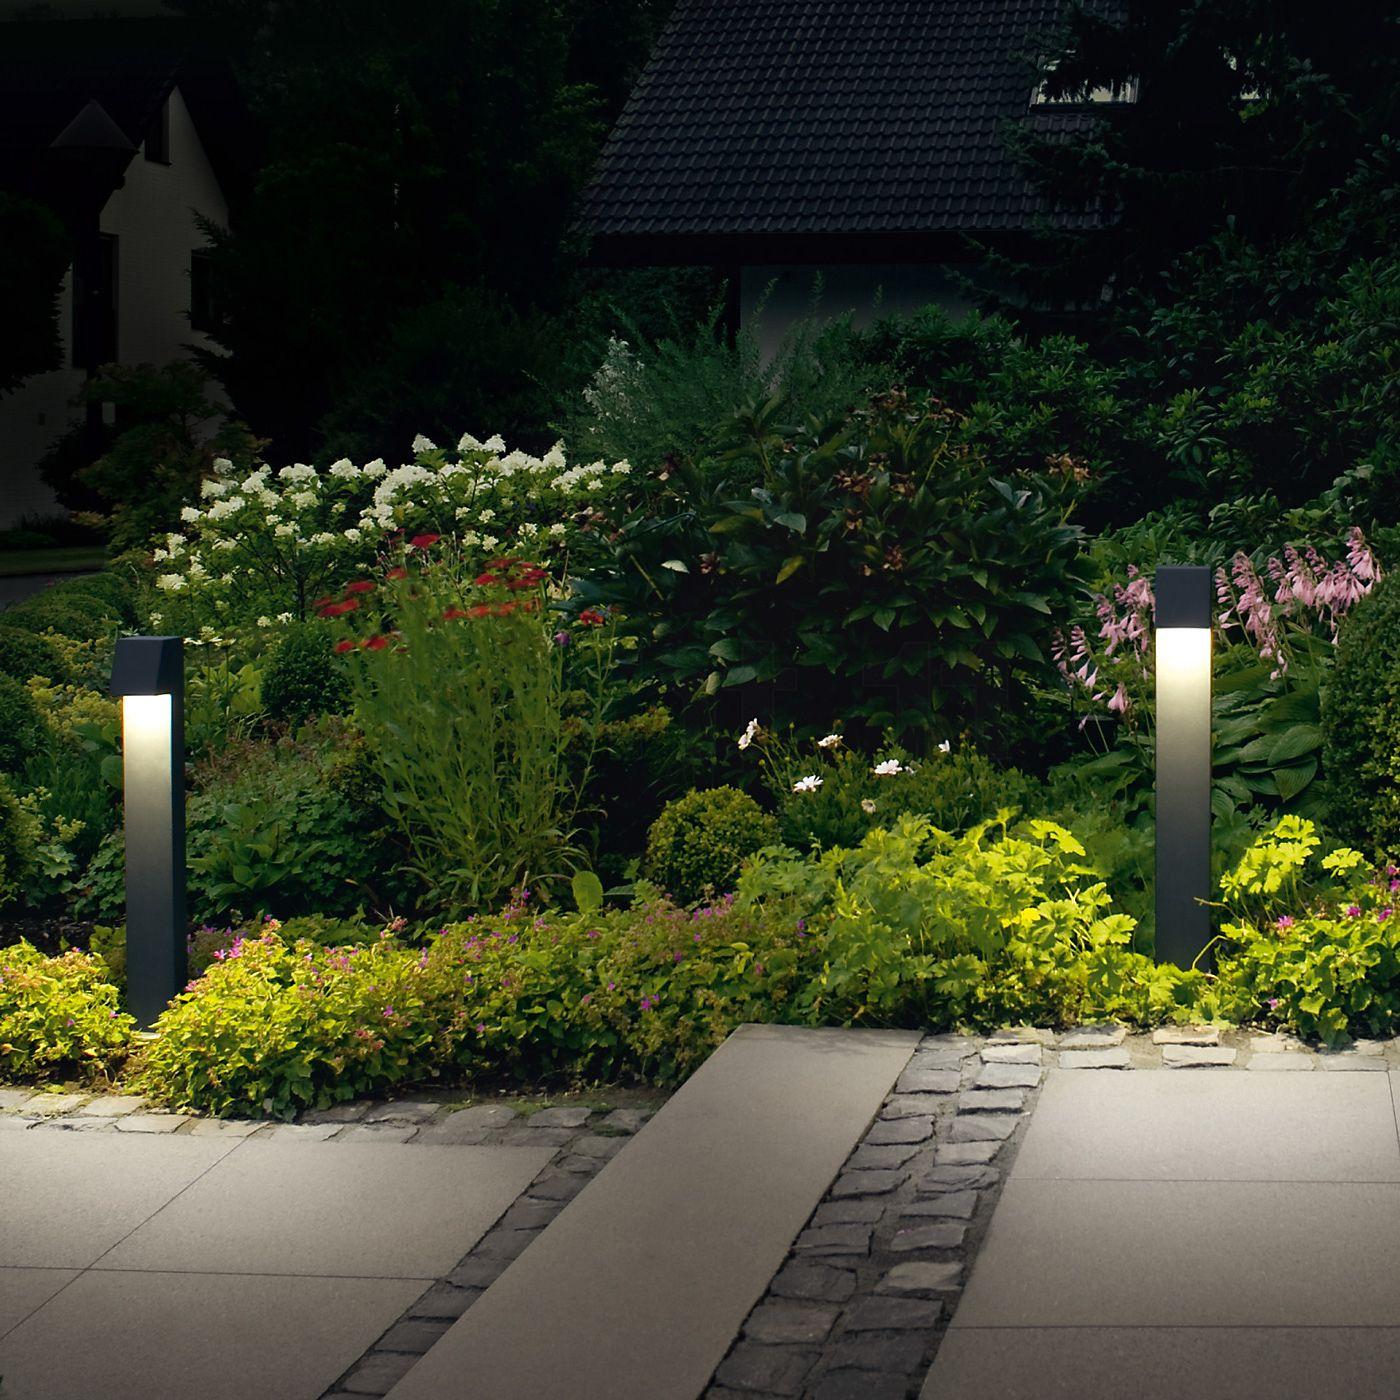 Bega 77237 77238 Gartenbeleuchtung Garten Landschaftsbeleuchtung